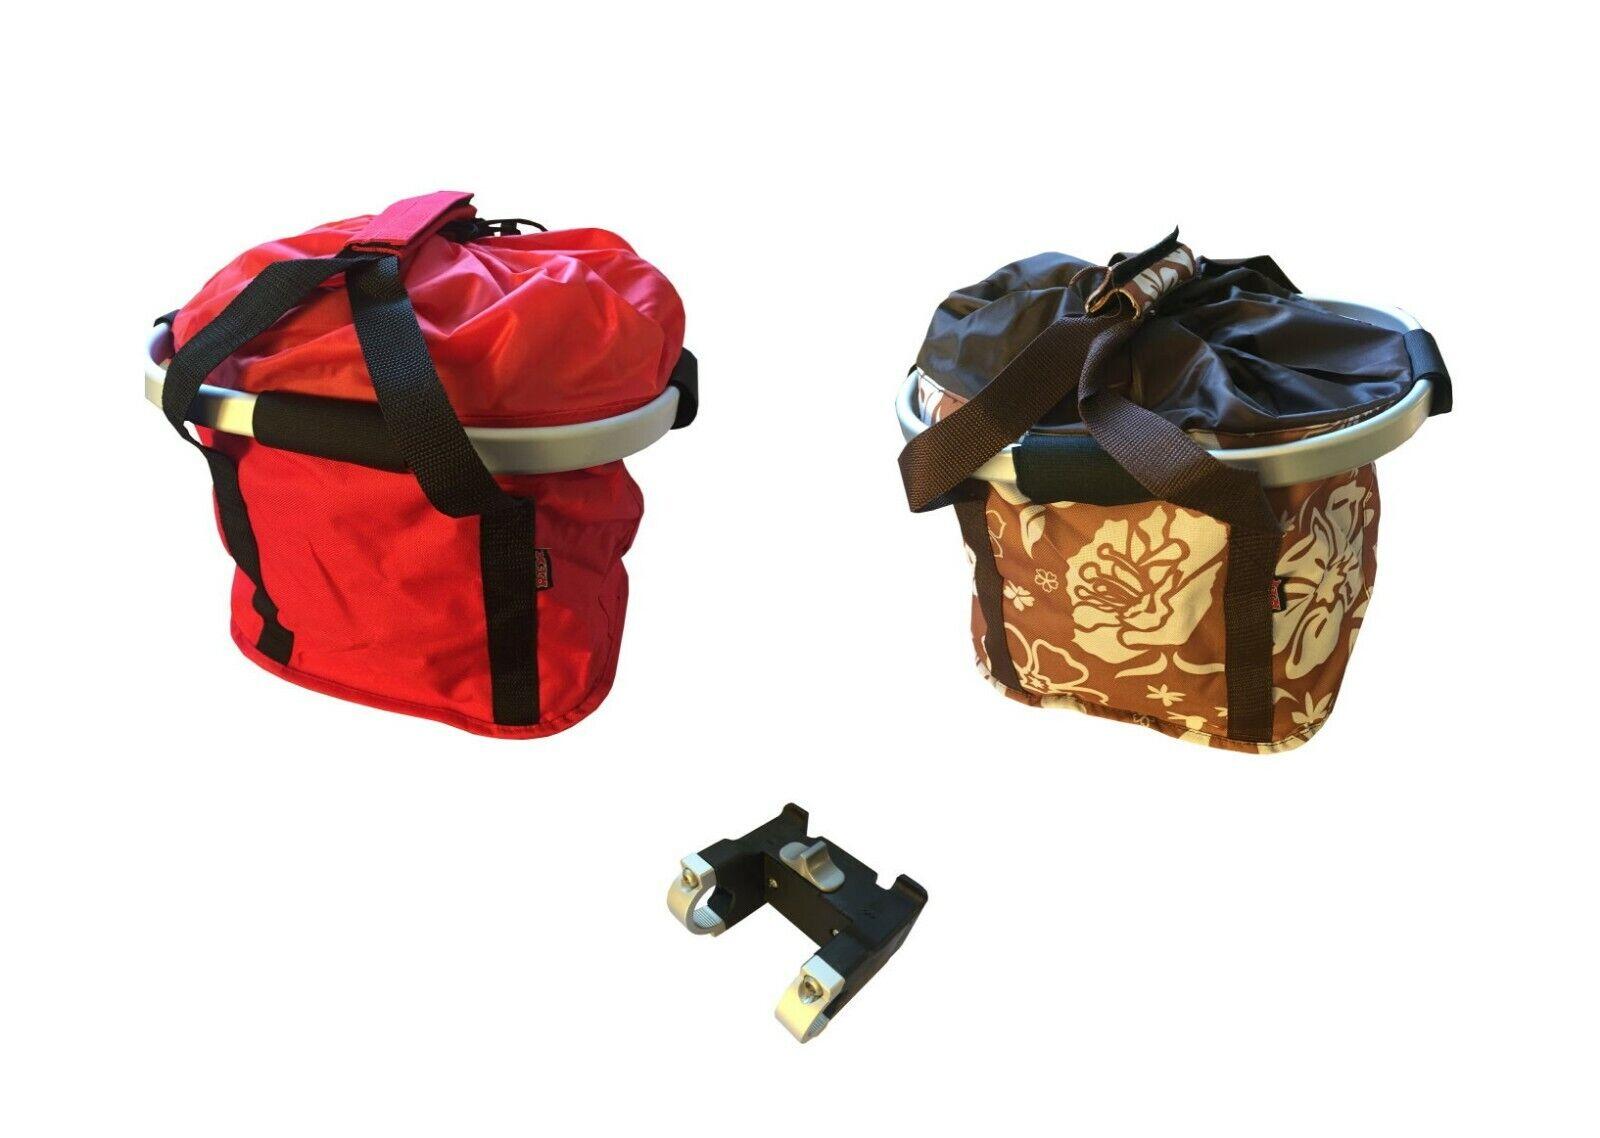 Lenkerkorb-Tasche Fahrradtasche Lenkertasche Einkaufskorb  Halterung abnehmbar